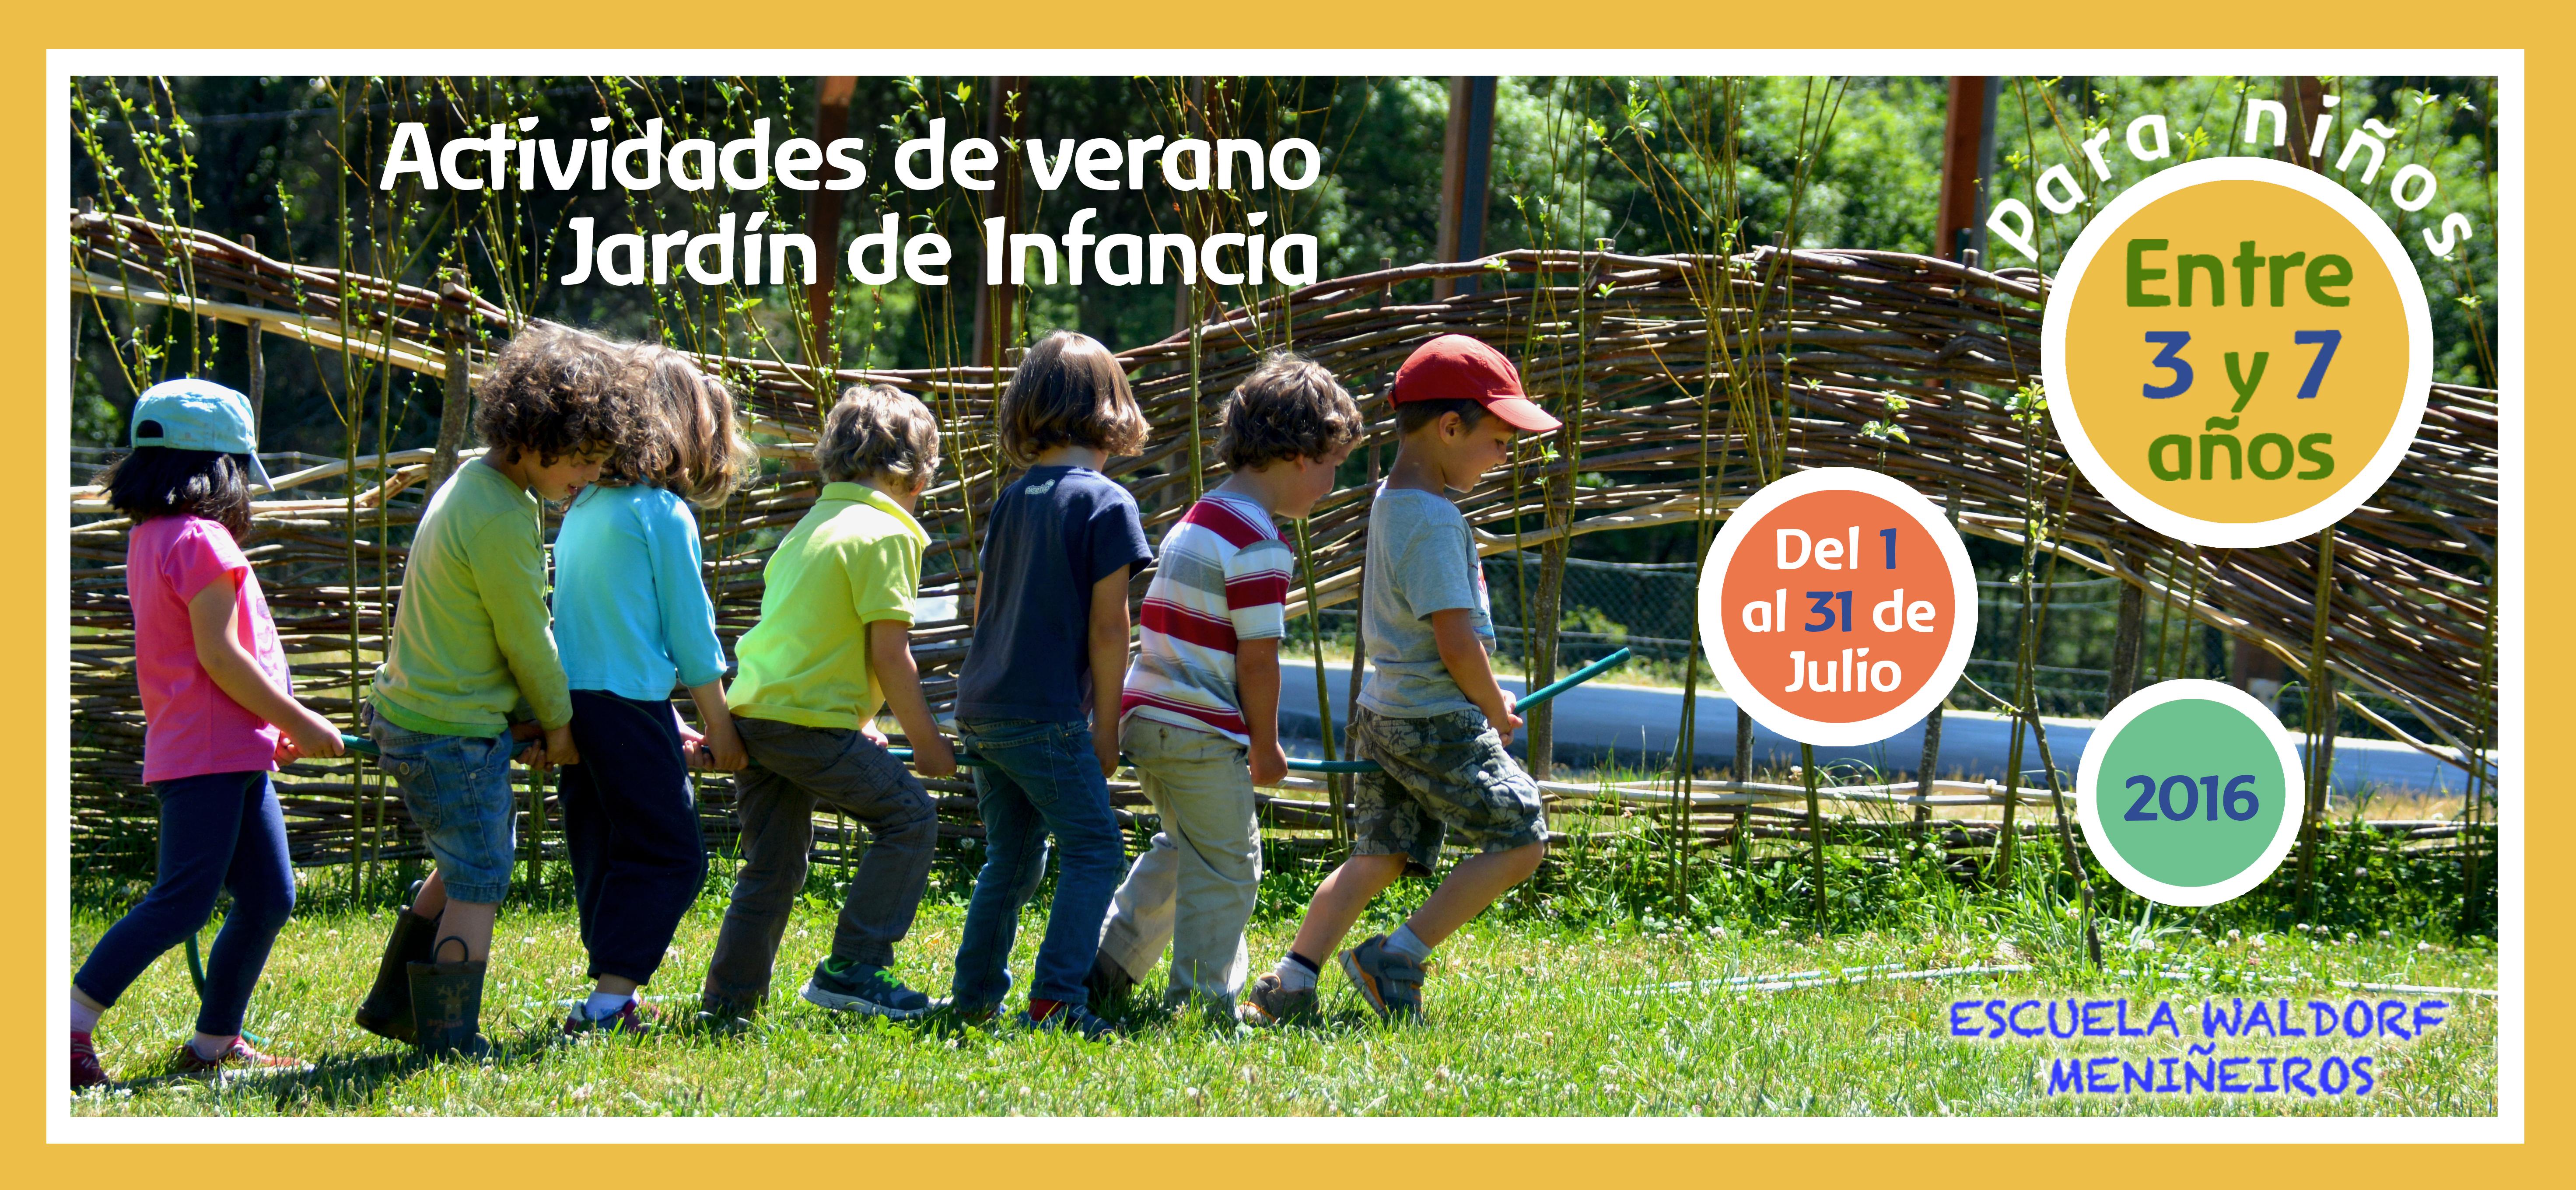 Actividades de verano para jard n de infancia escuela for El jardin de verano